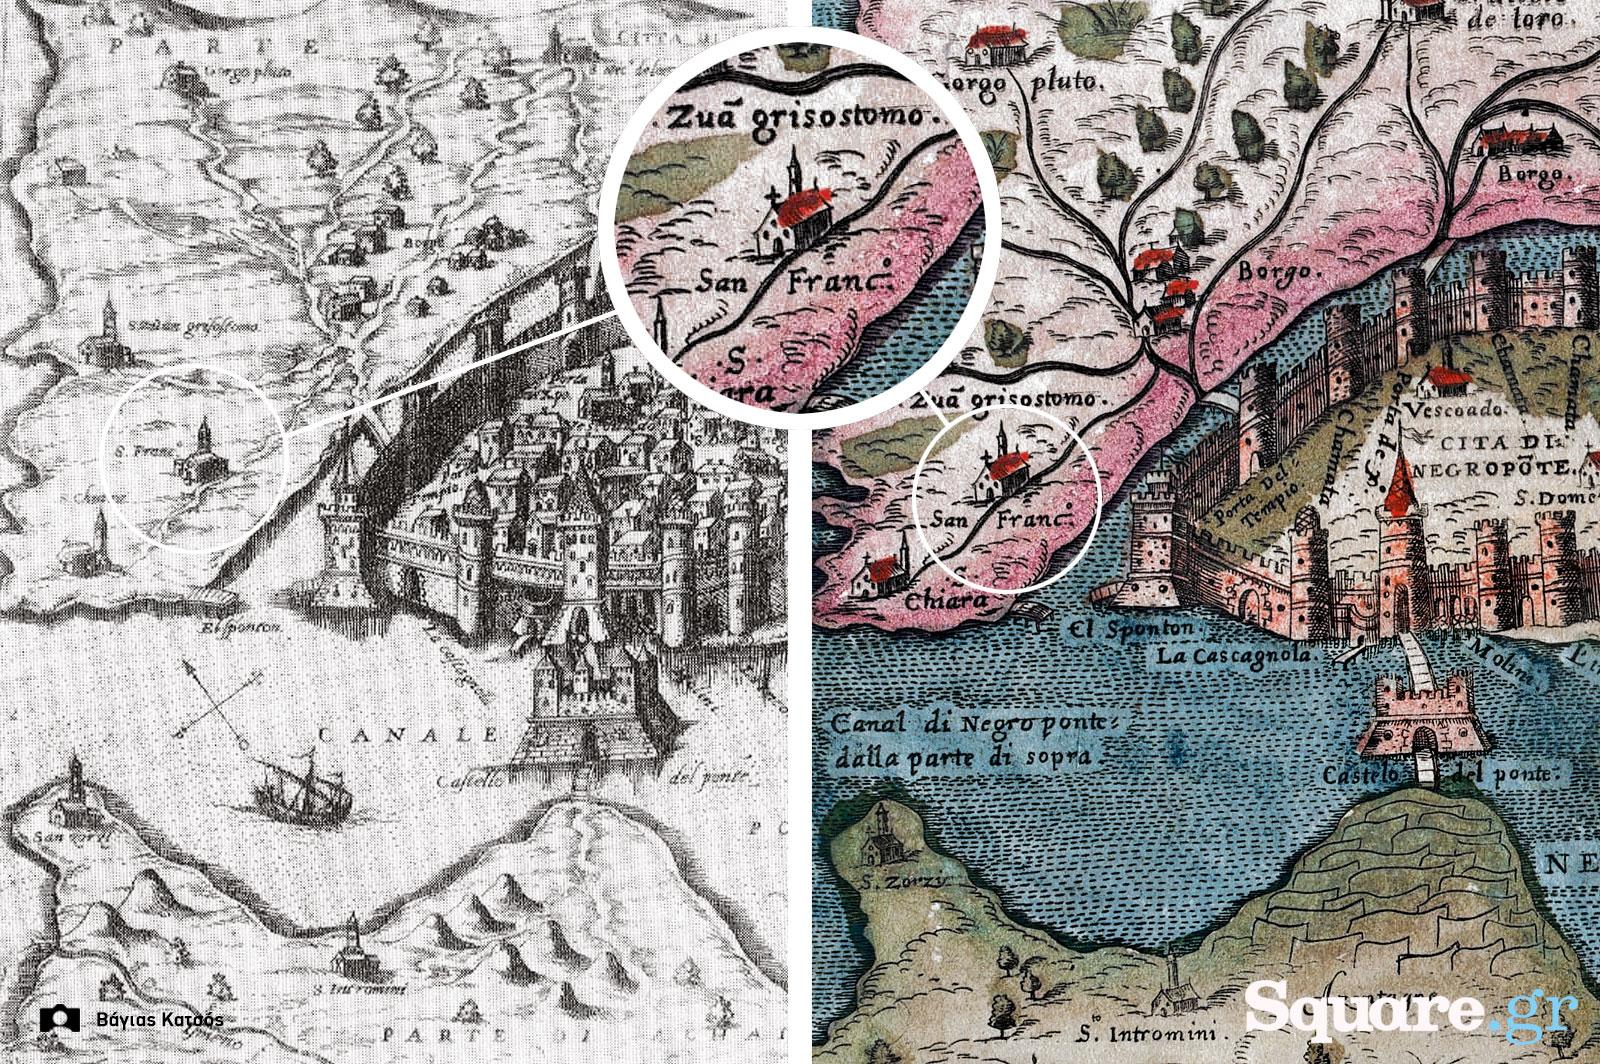 3-Χάρτης-Αγίου-Φραγκίσκου-άλωση-Χαλκίδας-από-τους-τούρκους-και-τον-Μωάμεθ-1470